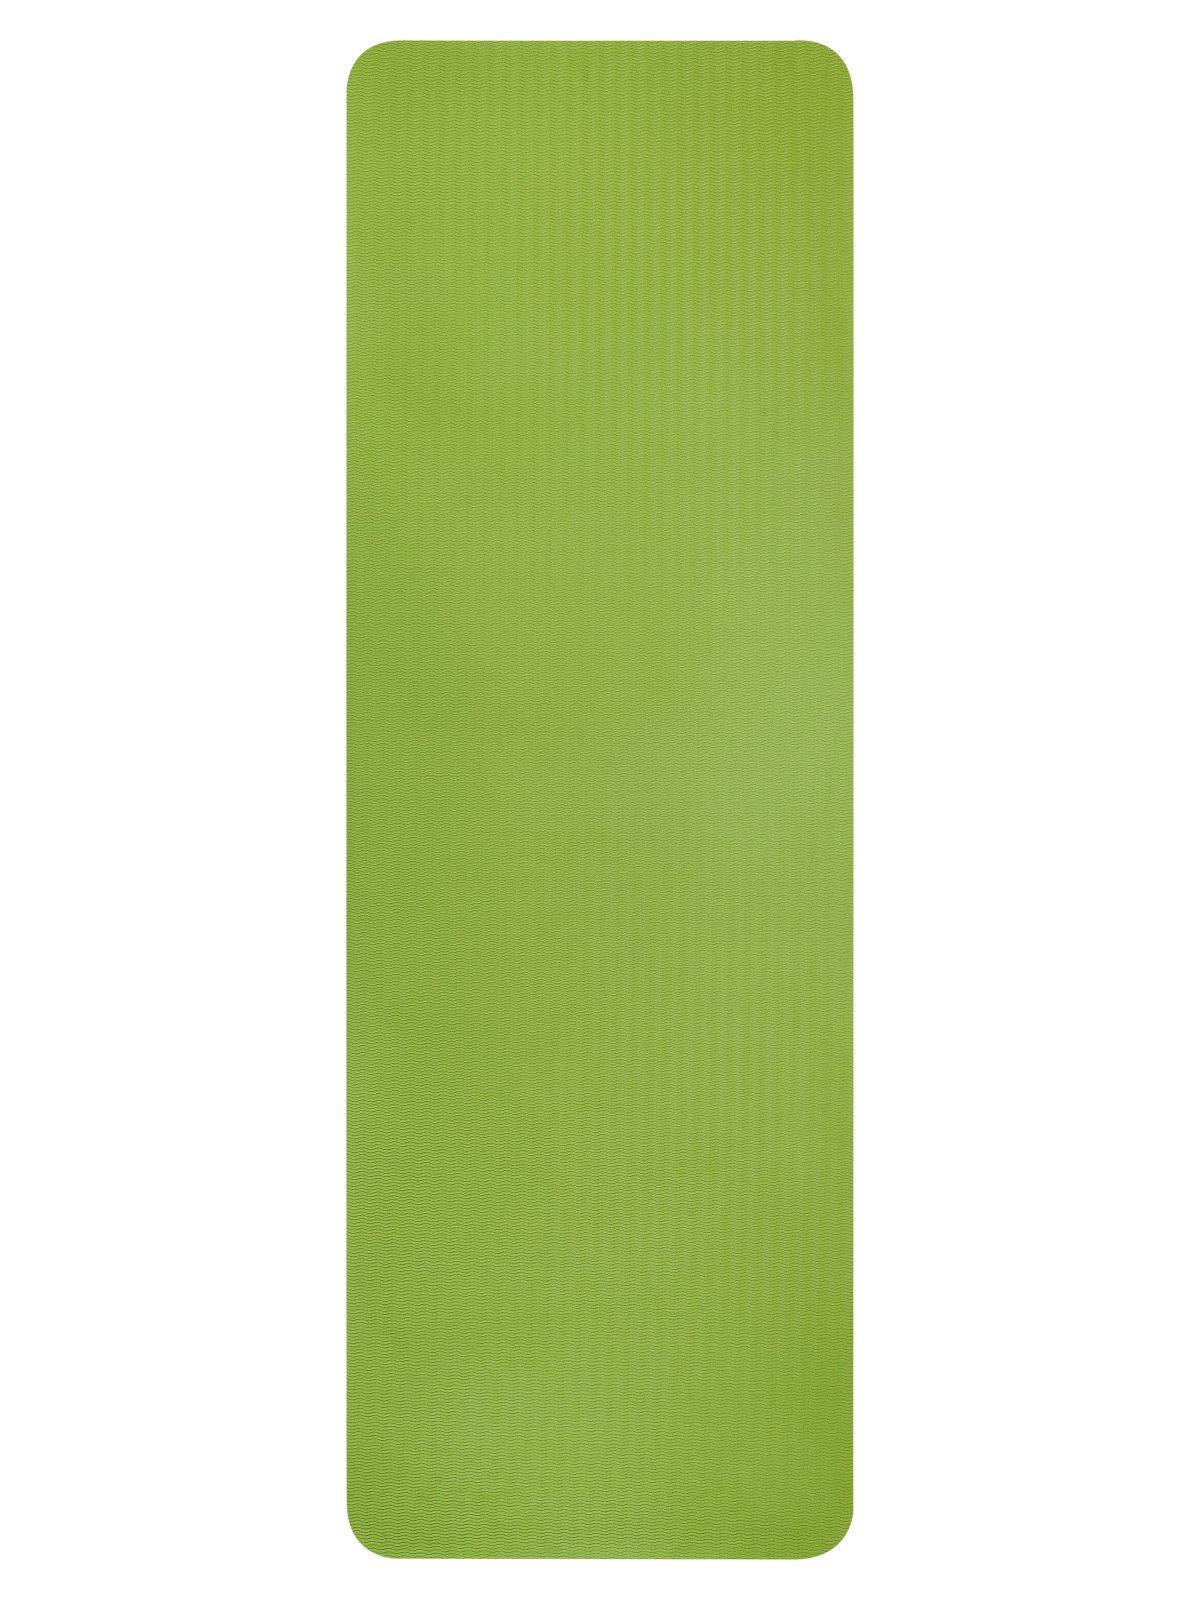 Коврик для йоги и фитнеса HomeMaster SHM140, зеленыйSHM140Коврик для йоги со специальным антискользящим покрытием с двух сторон. Выполнен из гипоаллергенного материала. Подходит для занятий йогой, стретчингом, фитнесом и растяжкой. С этим ковриком вы почувствуете комфорт на занятиях и оцените качество. Уход за ним прост, достаточно протереть раствором мыльной воды и хорошо промыть. Размер: 173х61х1см.